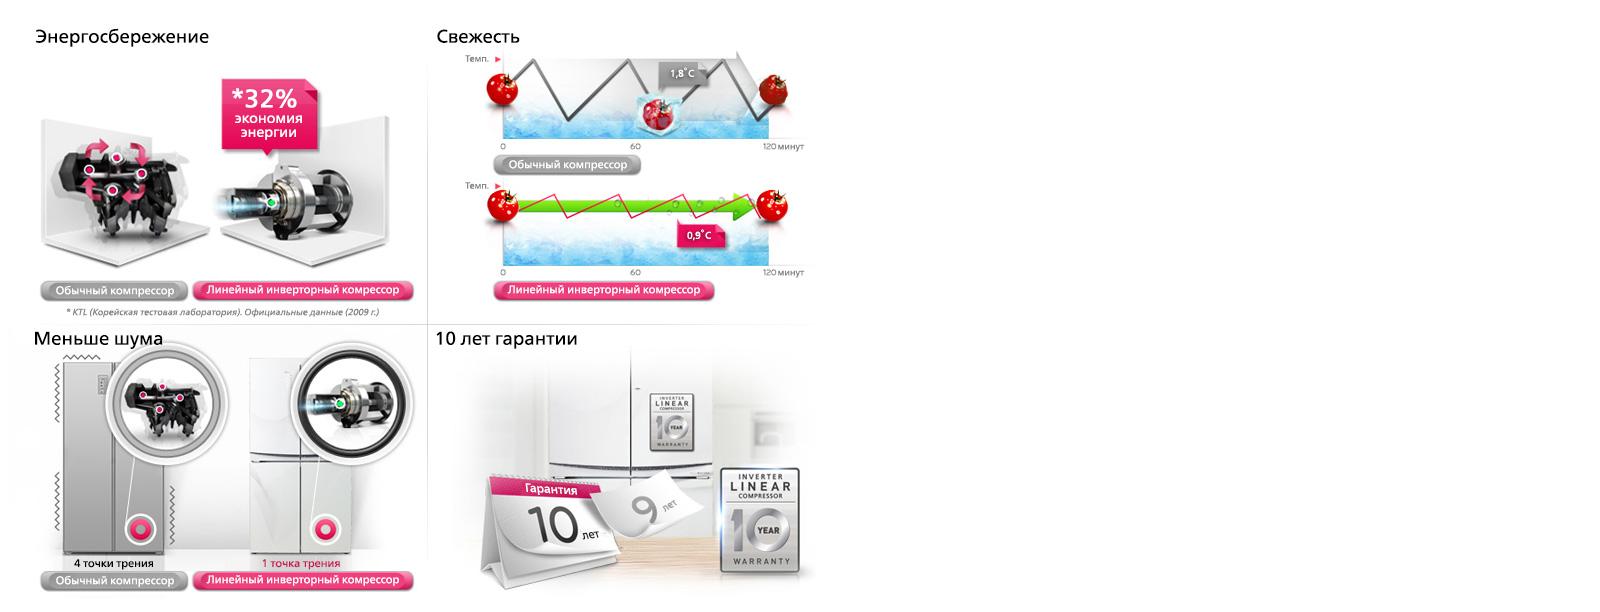 Инверторные холодильники: топ - 10 лучших моделей